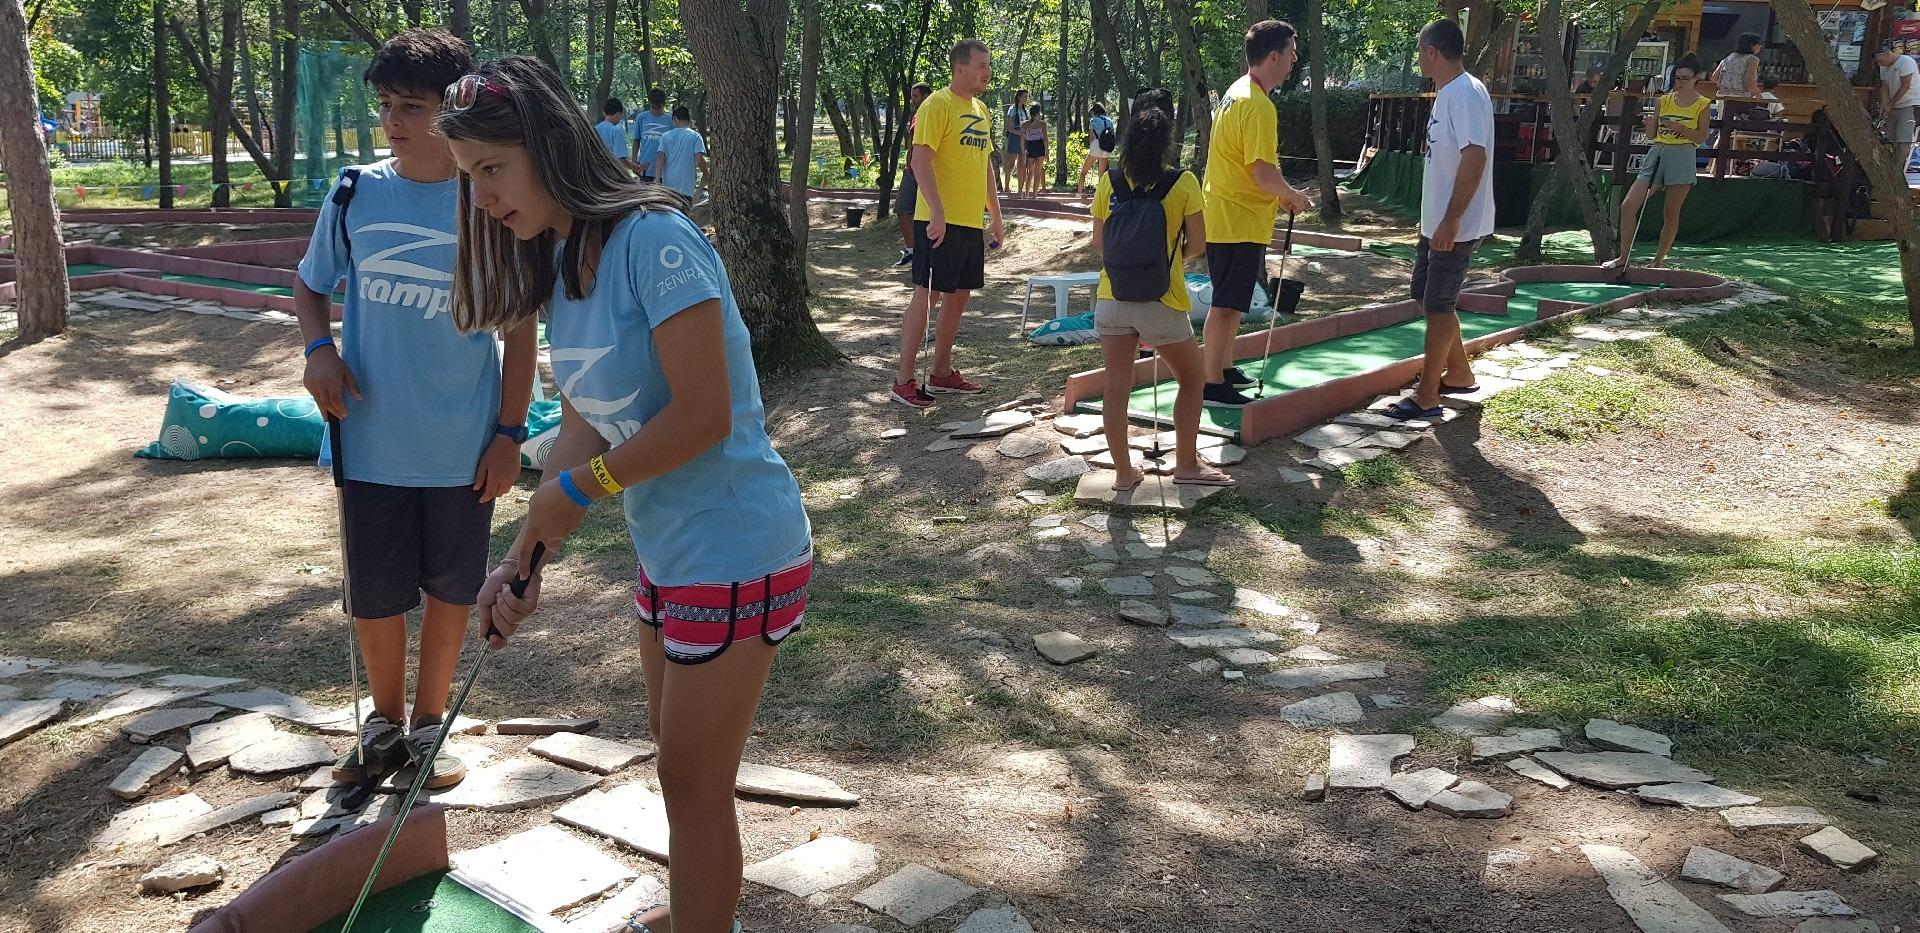 езикови ваканции в България за деца Z кемп, ден 32 - мини голф - група деца и група учители играят